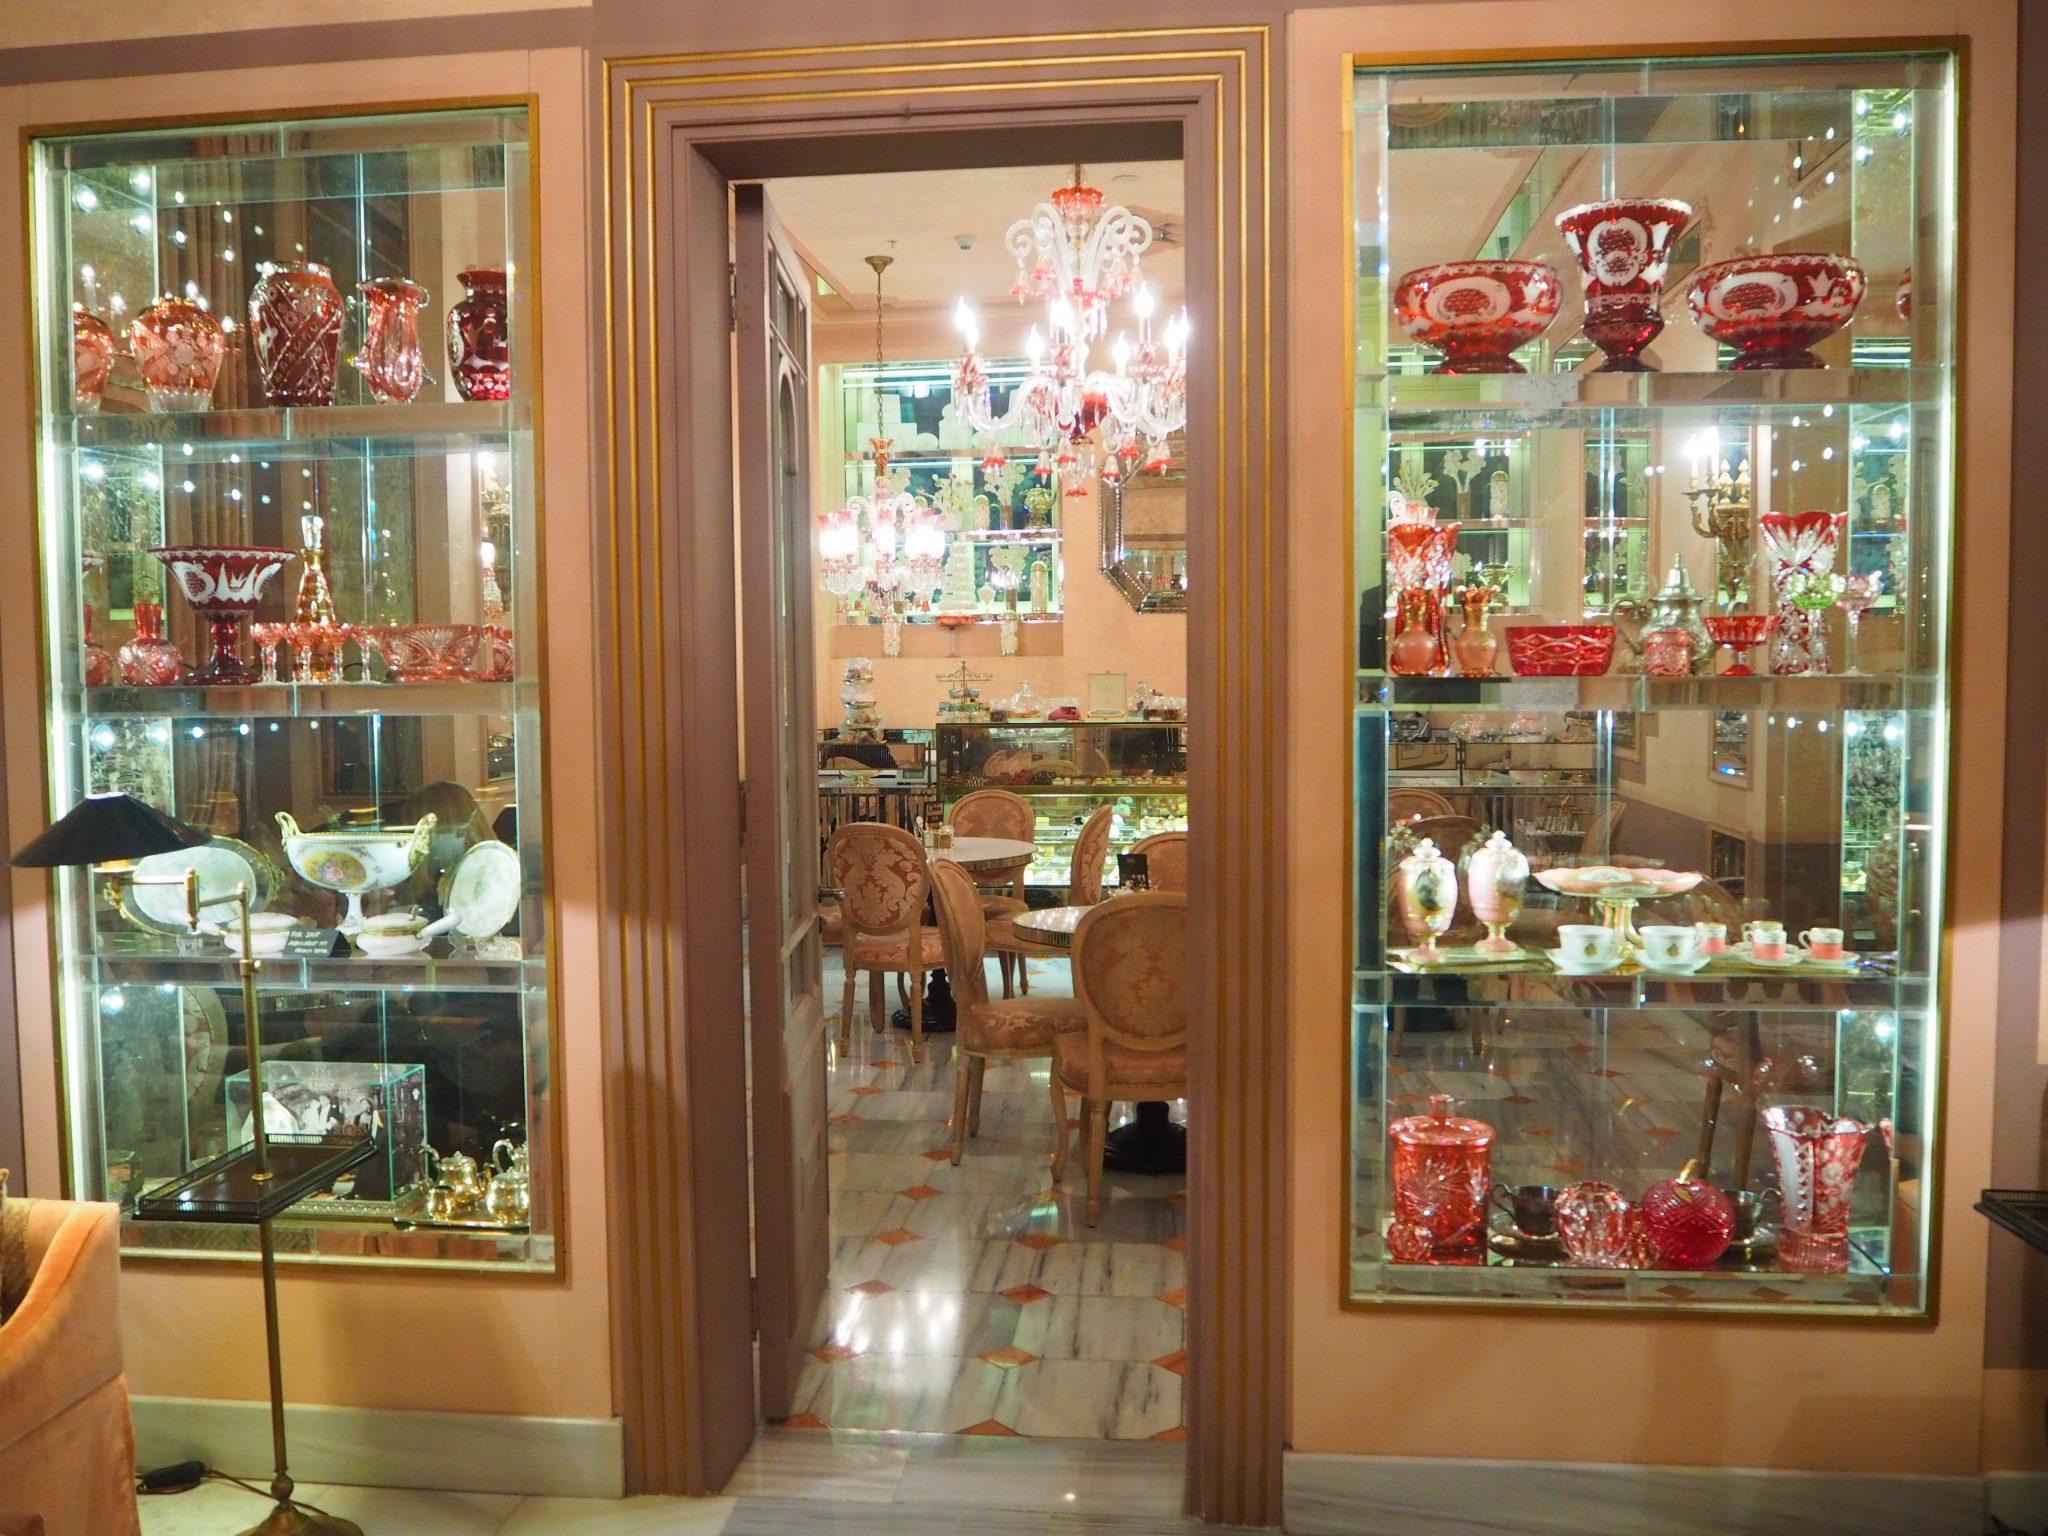 Pera Palace Hotel Jumeirah - Pastry & Gift Shop